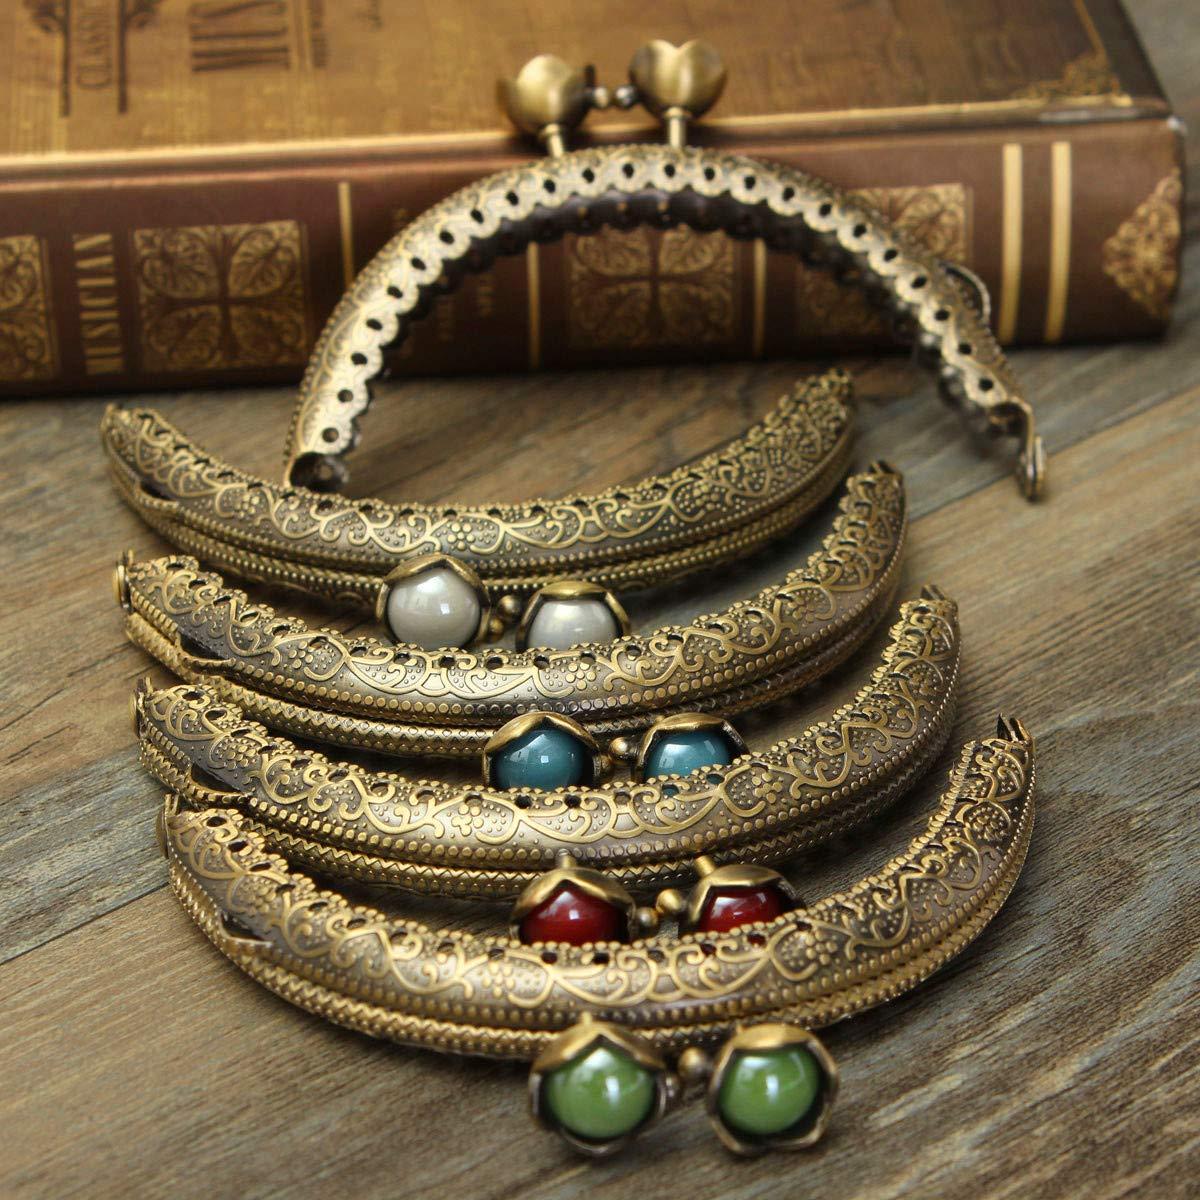 KING DO WAY Conjunto de 5 piezas de la bolsa de cierre/carteras, Cierre Antica para el bricolaje 6cm x 8.5cm (6cm x 8.5cm)